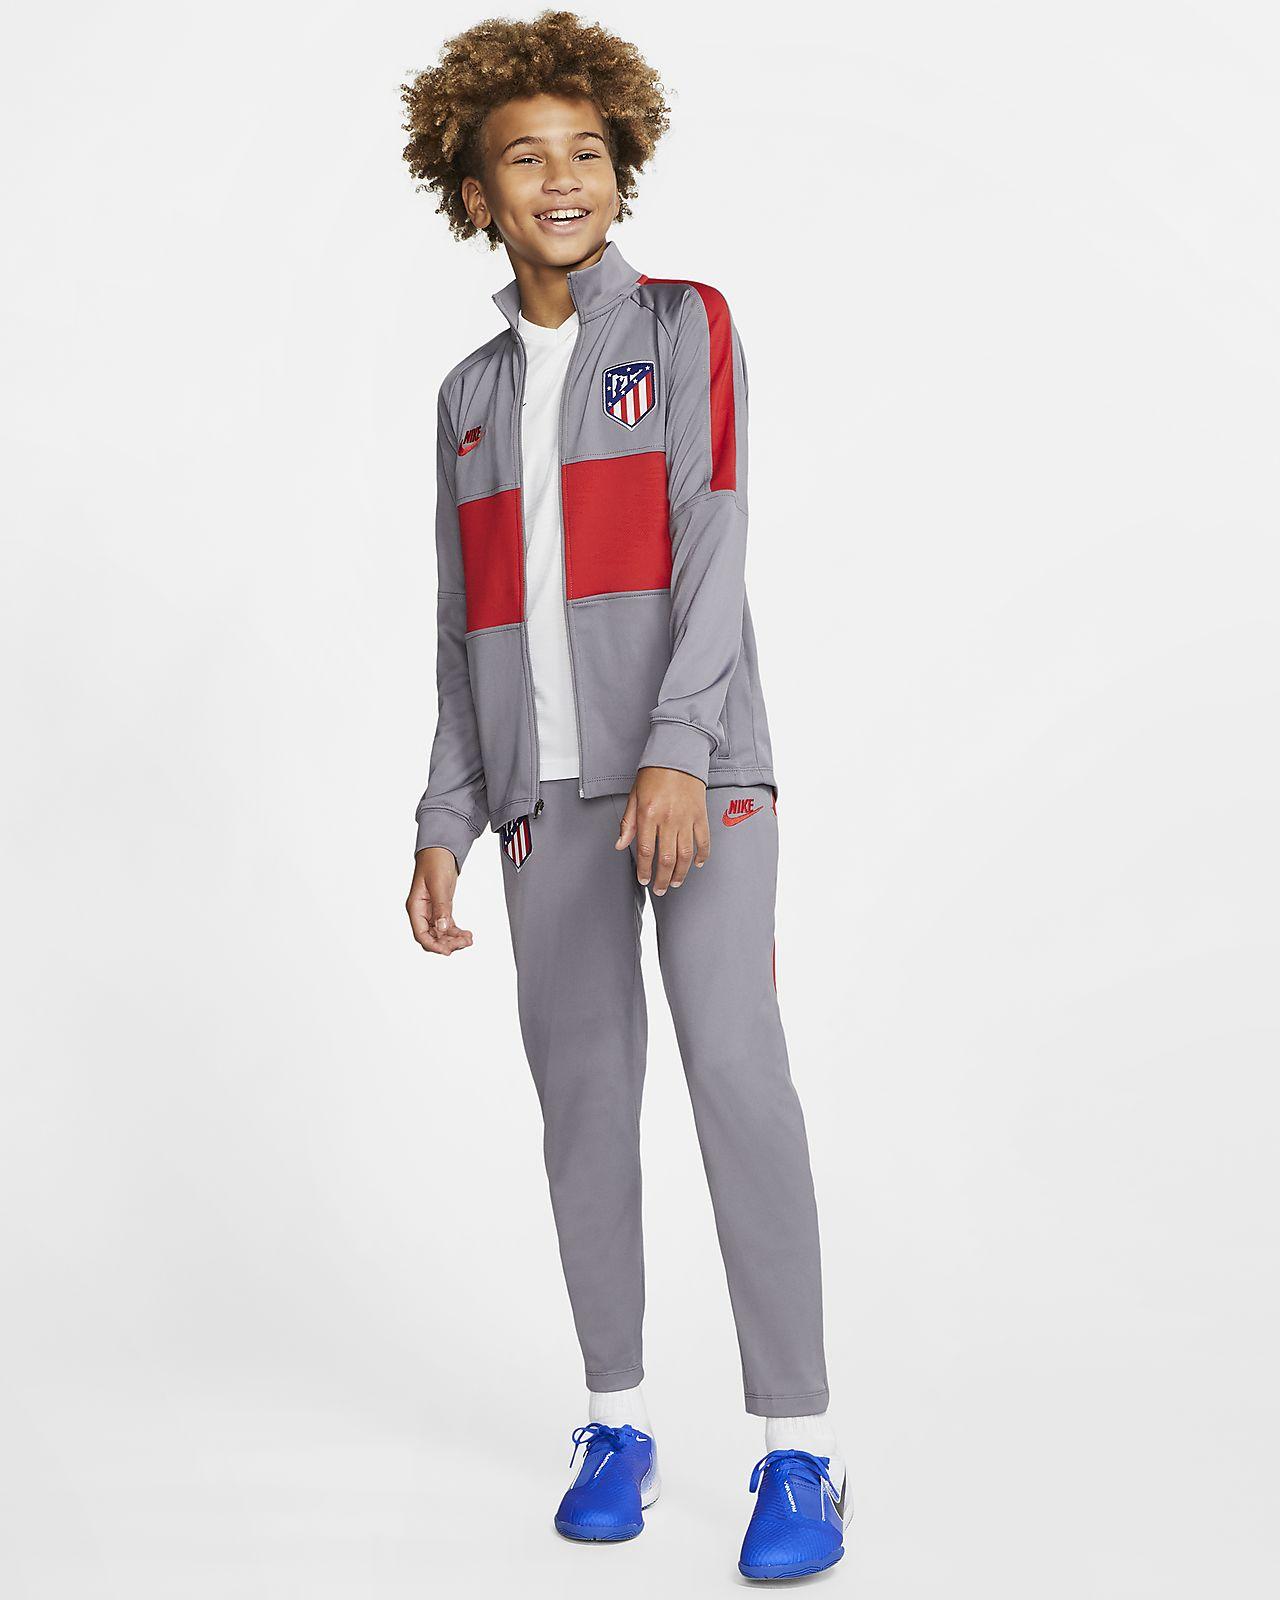 Ποδοσφαιρική φόρμα Atlético de Madrid Strike για μεγάλα παιδιά